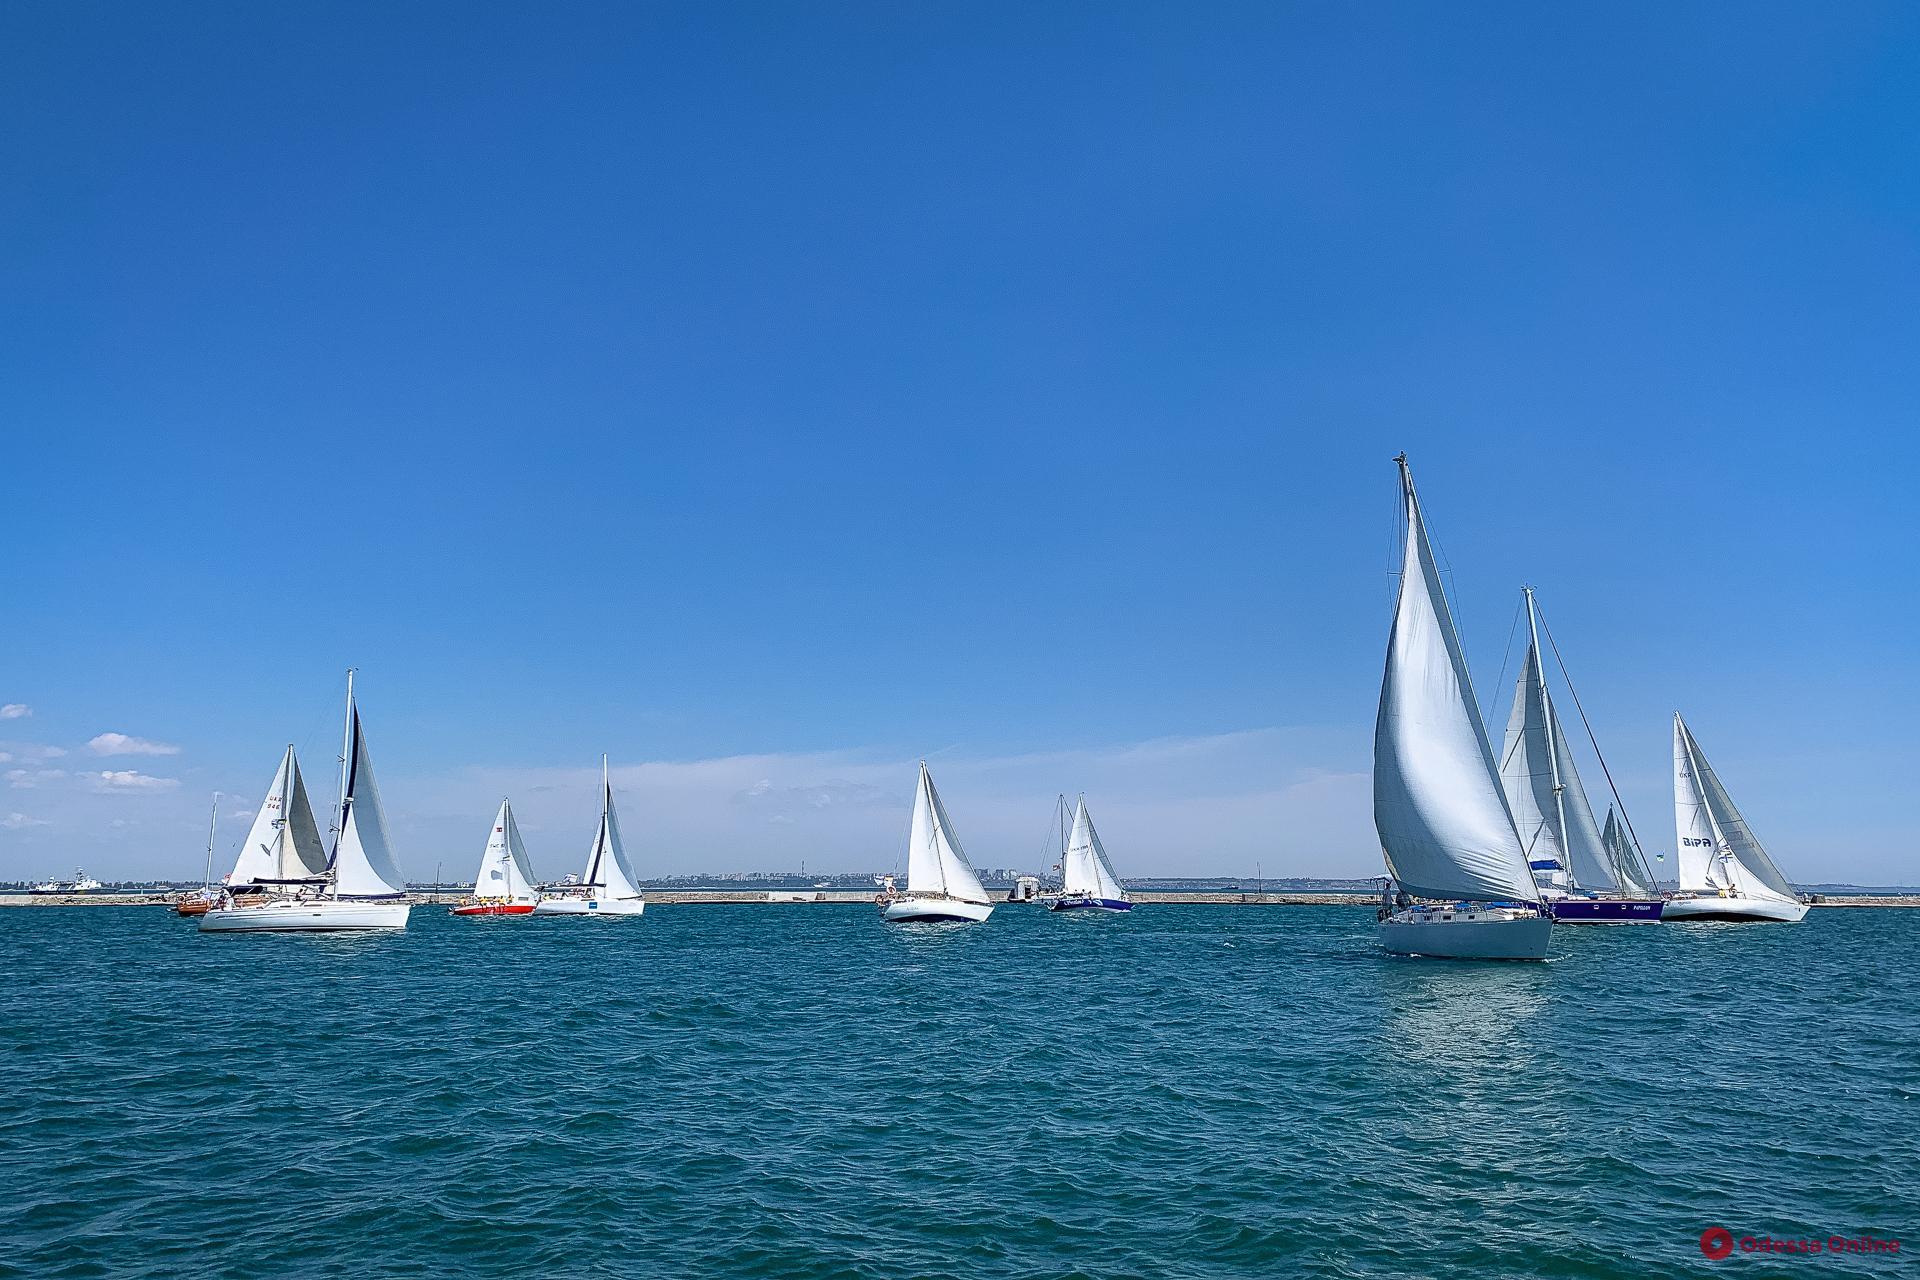 В Одессе проходит парусная регата «Кубок портов Черного моря» (фото, видео)